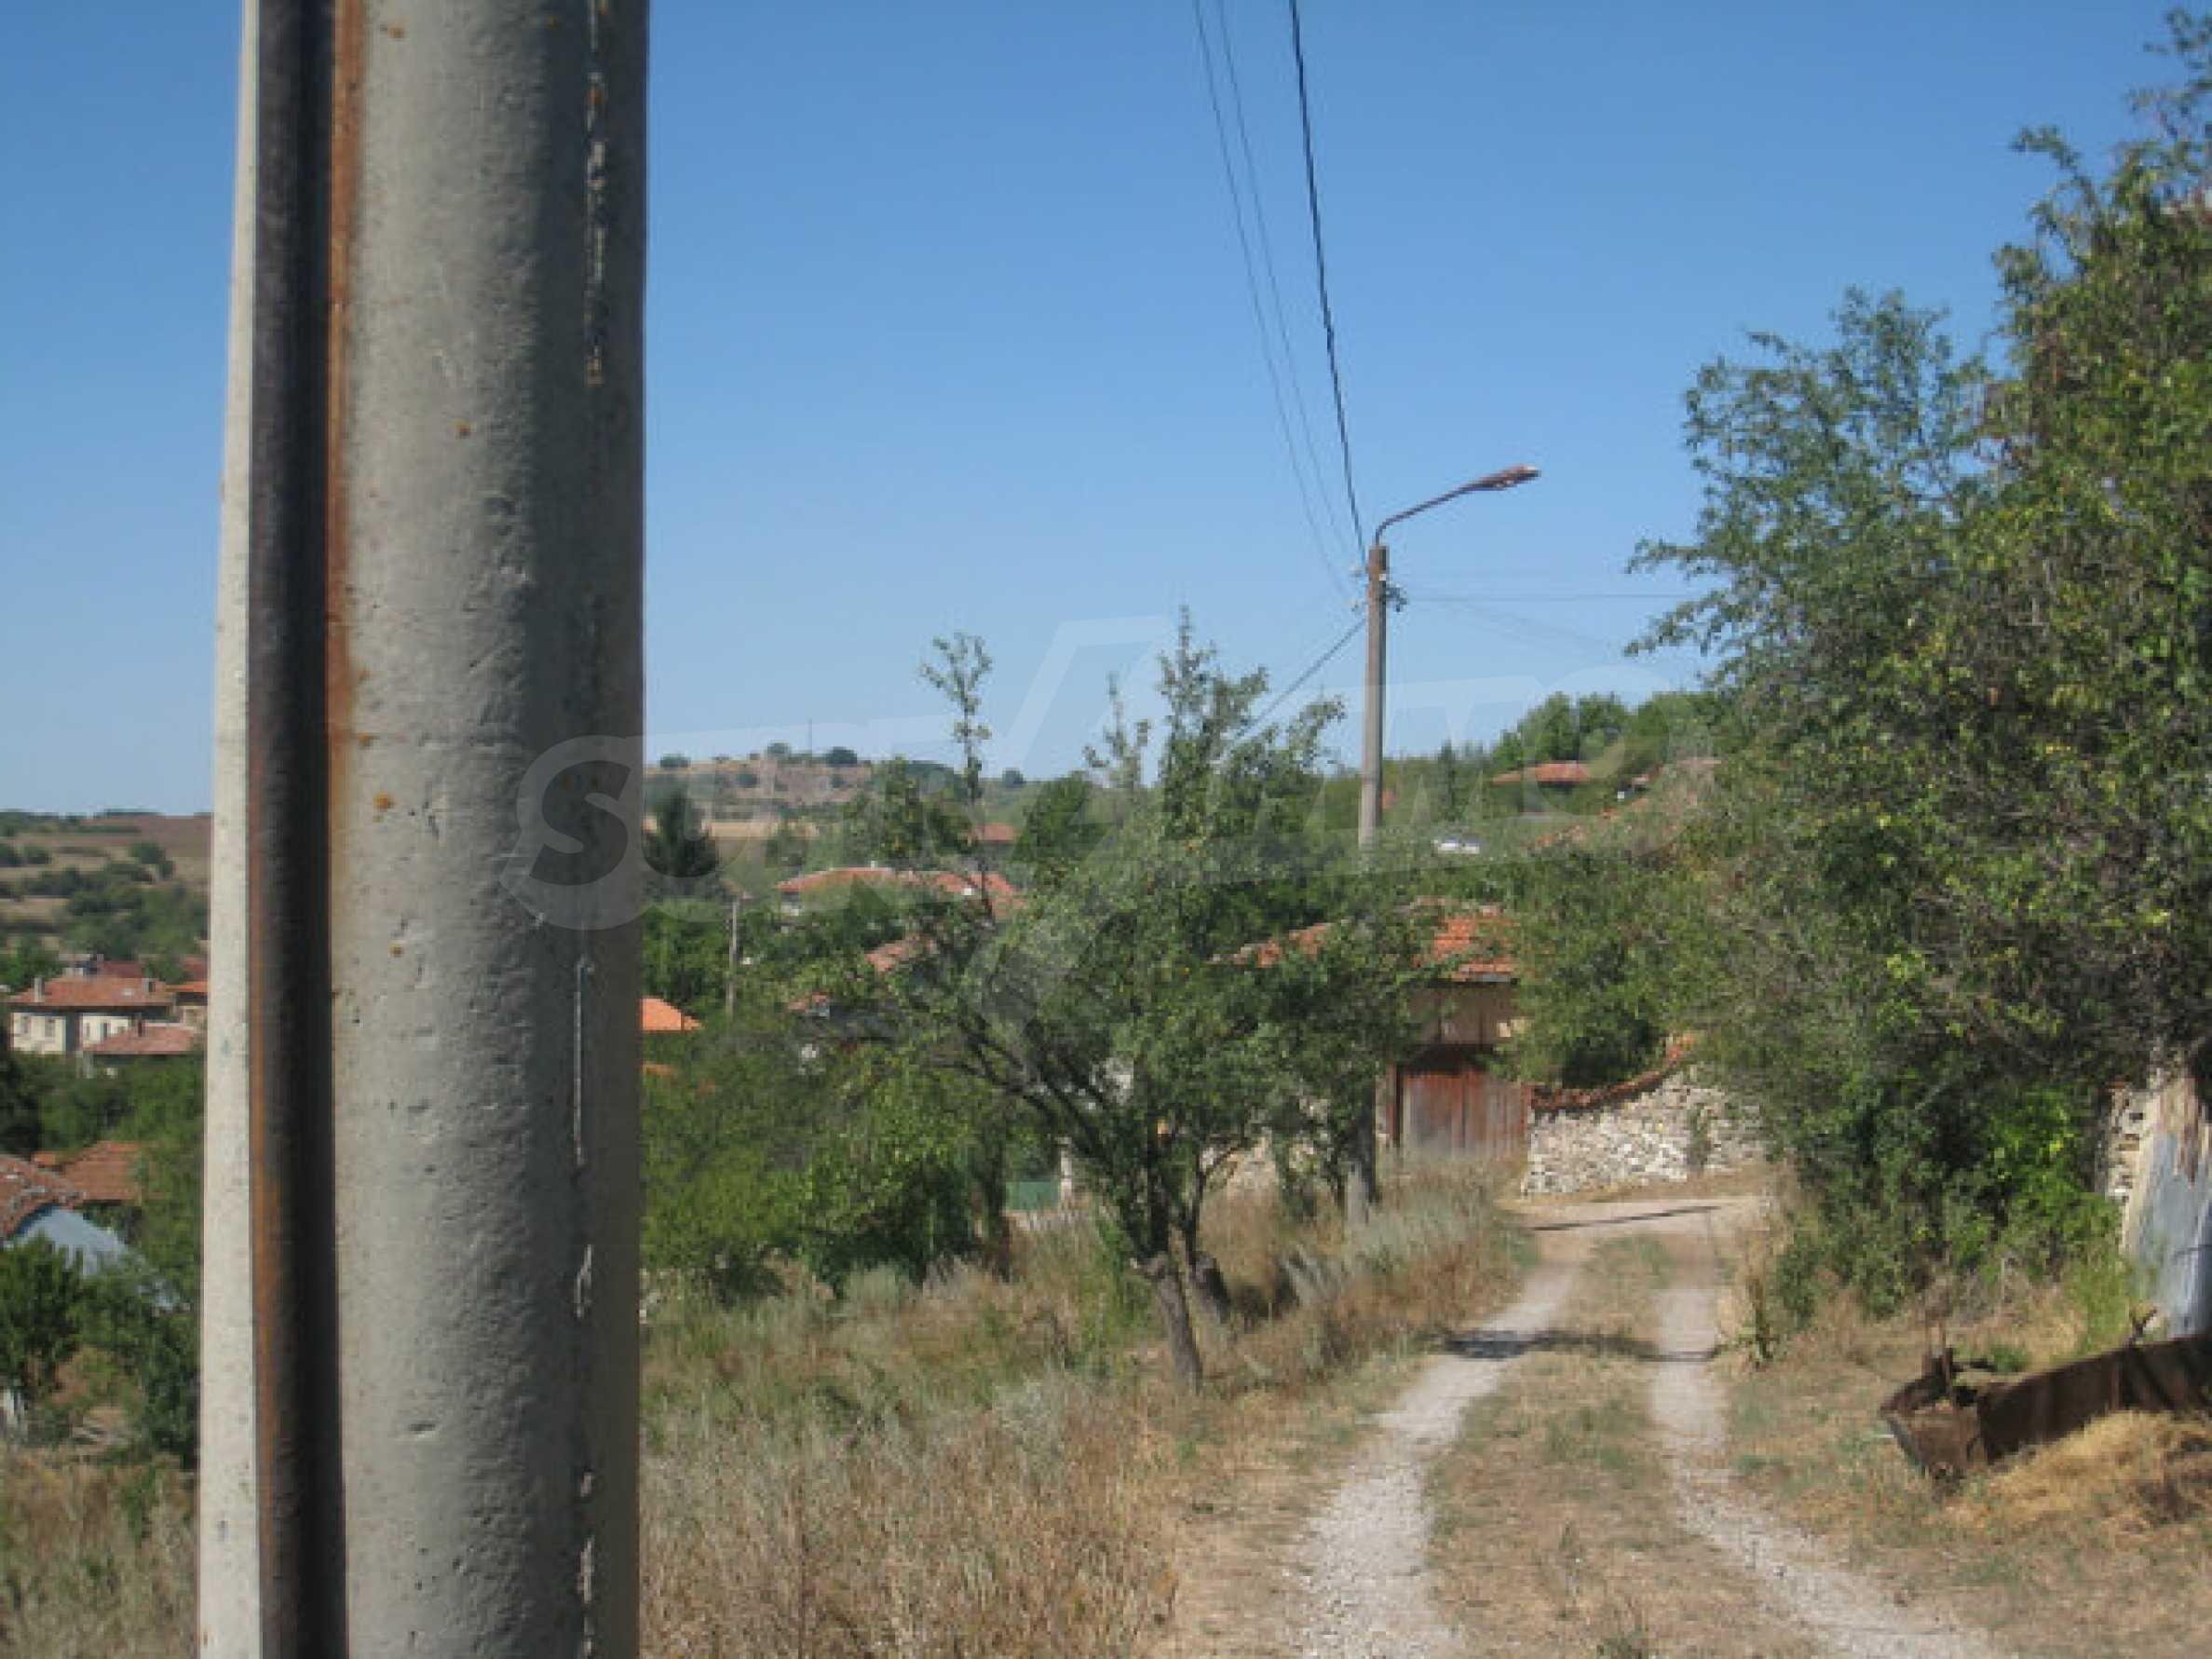 Geregeltes Baugrundstück in einem Dorf in der Nähe von Elin Pelin 21